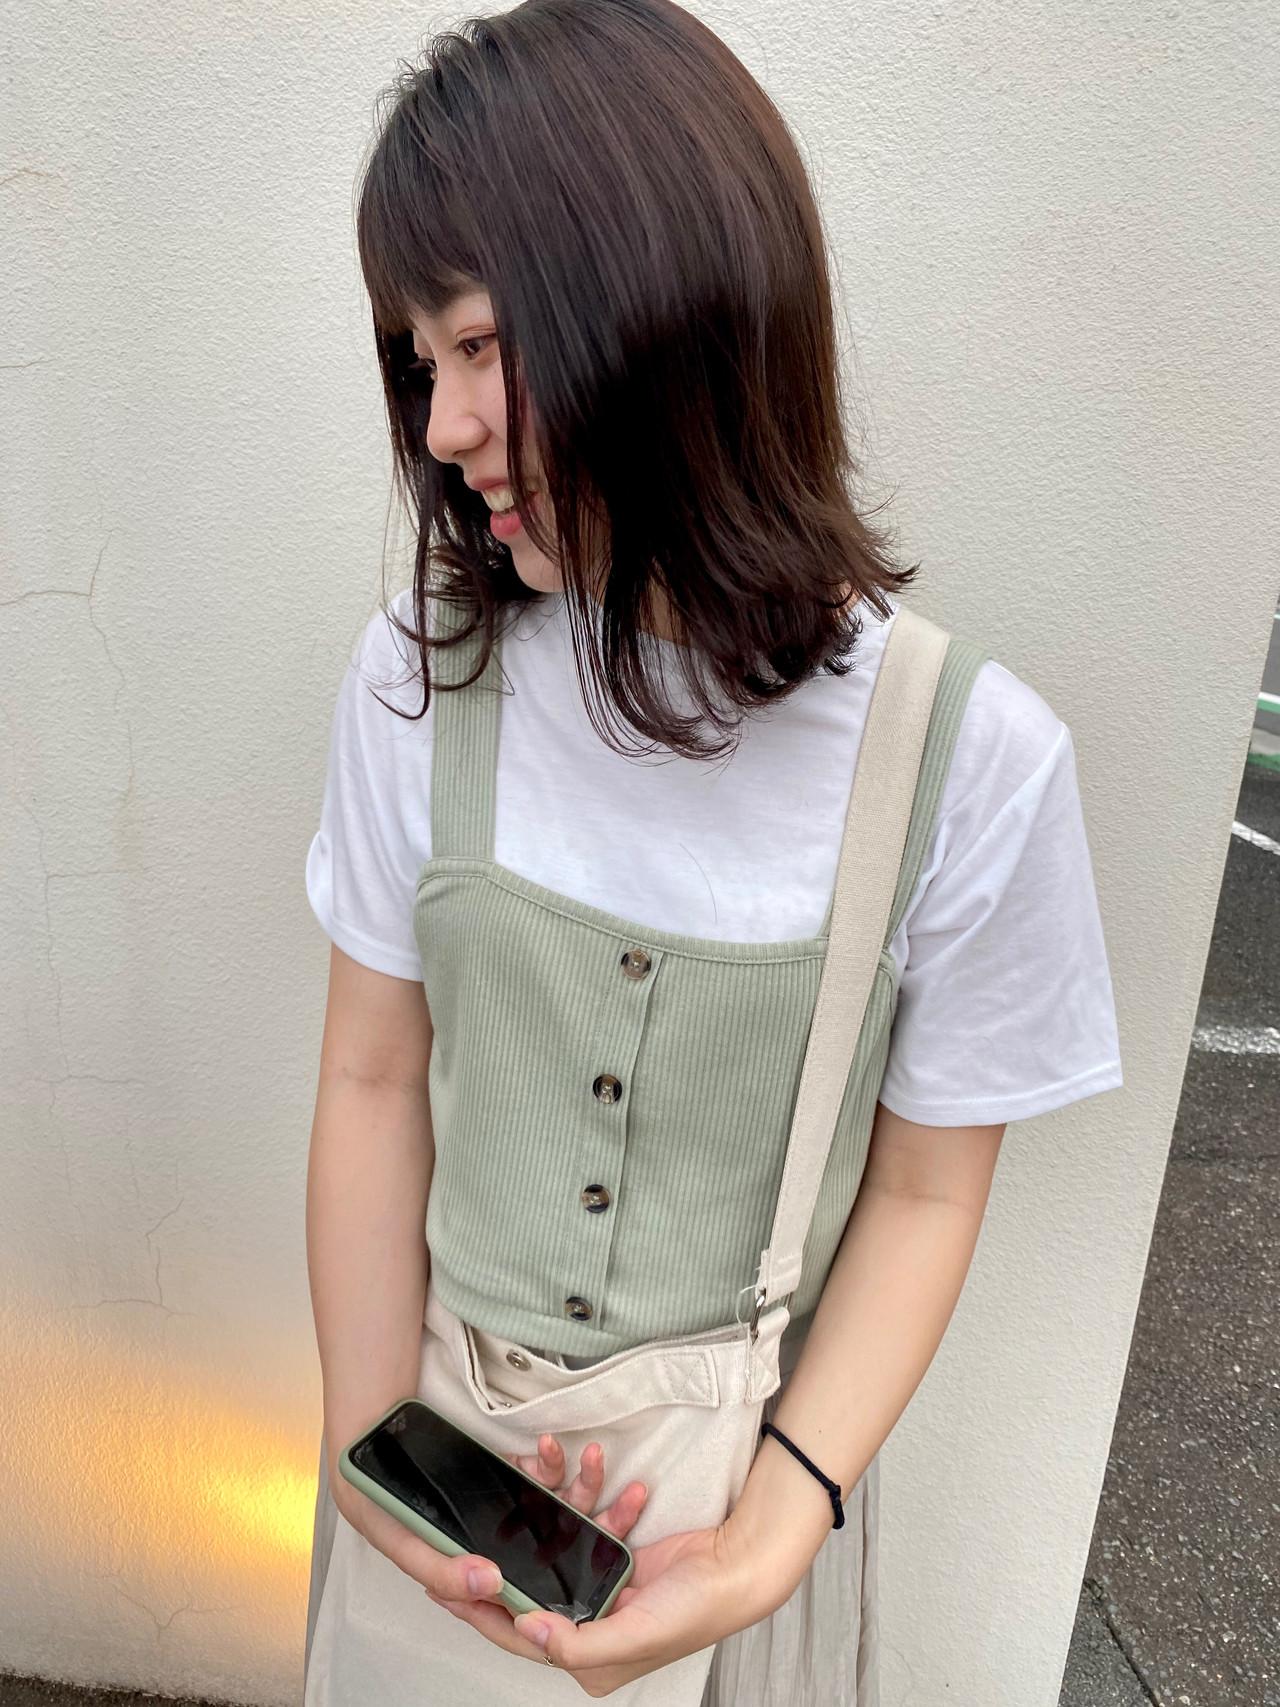 ナチュラル ミディアム 外ハネ 鎖骨ミディアム ヘアスタイルや髪型の写真・画像 | 増田智仁 / マニスオブヘアー